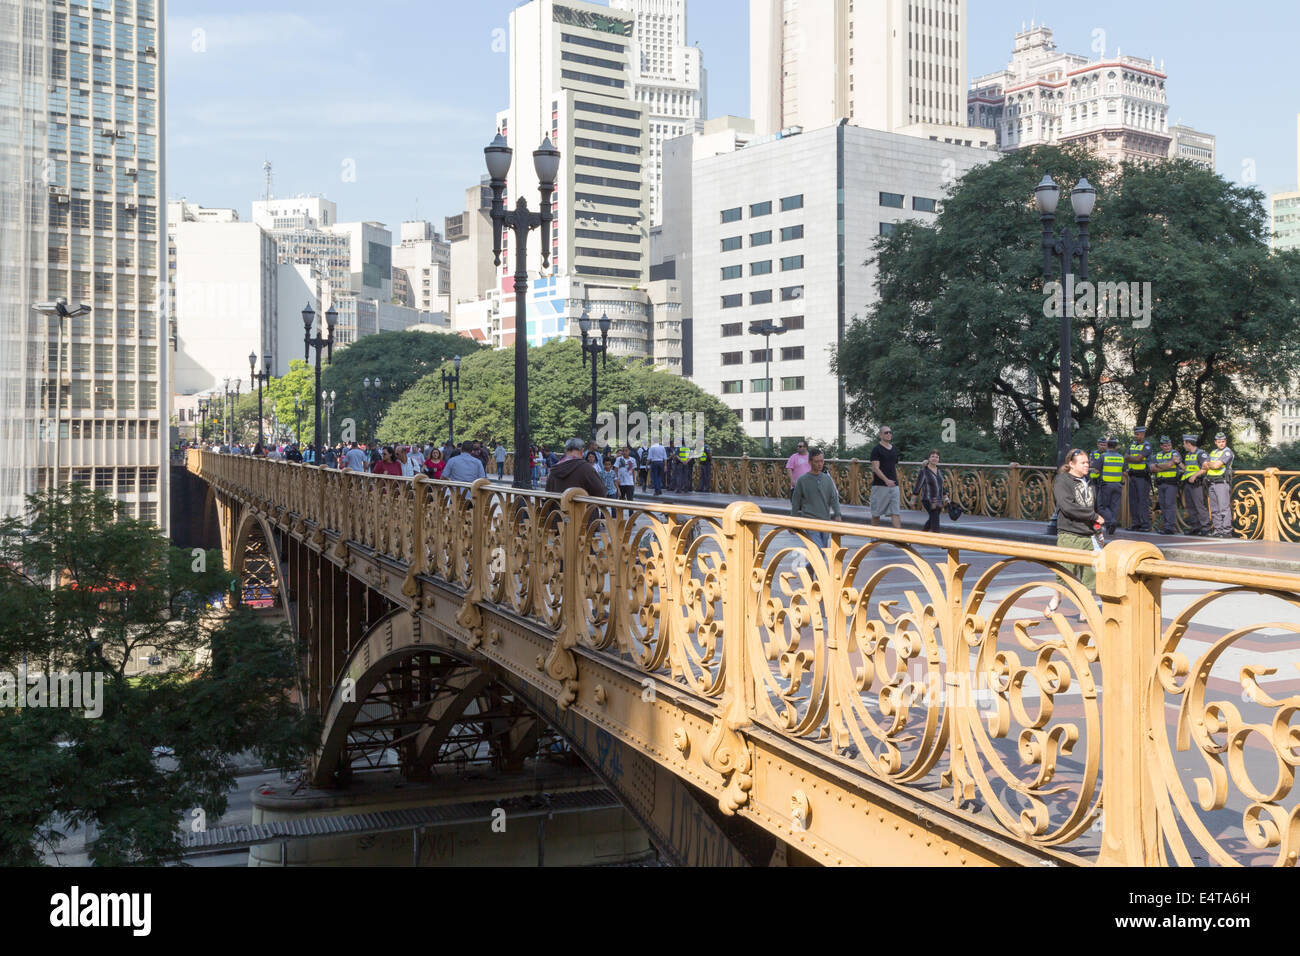 La gente camina sobre el Viaduto Santa Ifigenia, Sao Paulo, Brasil. Imagen De Stock